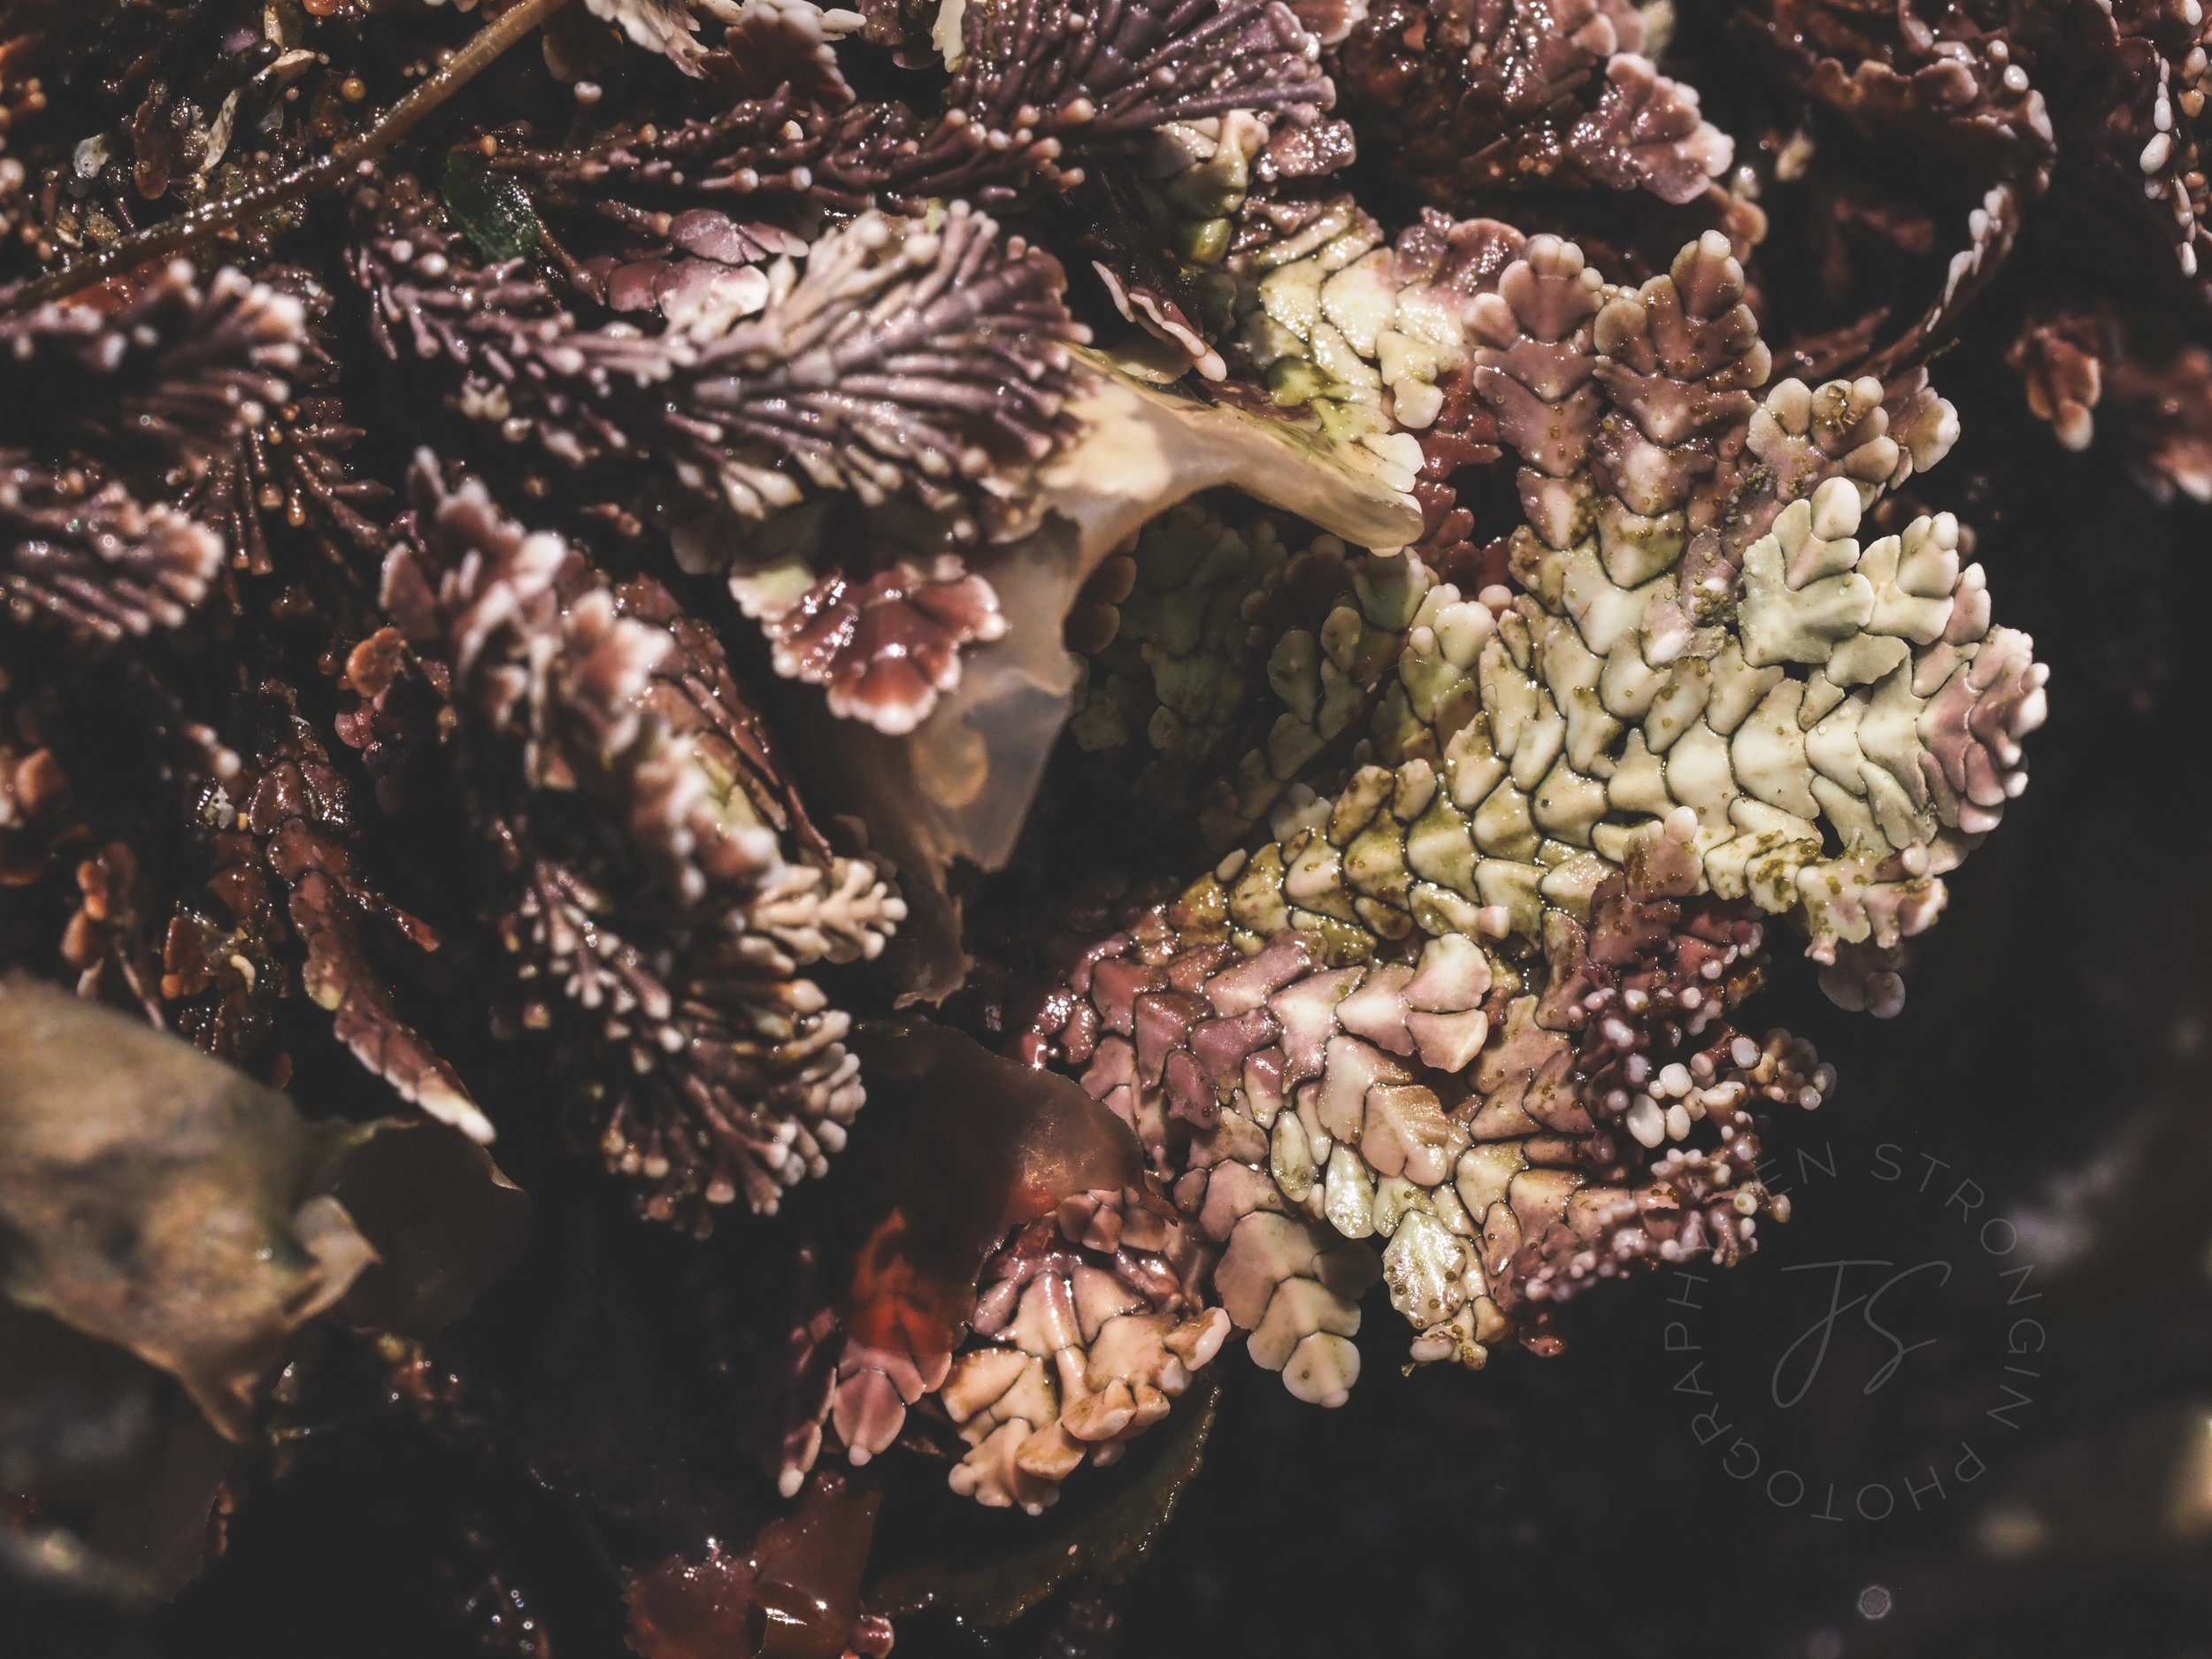 Coraline algae